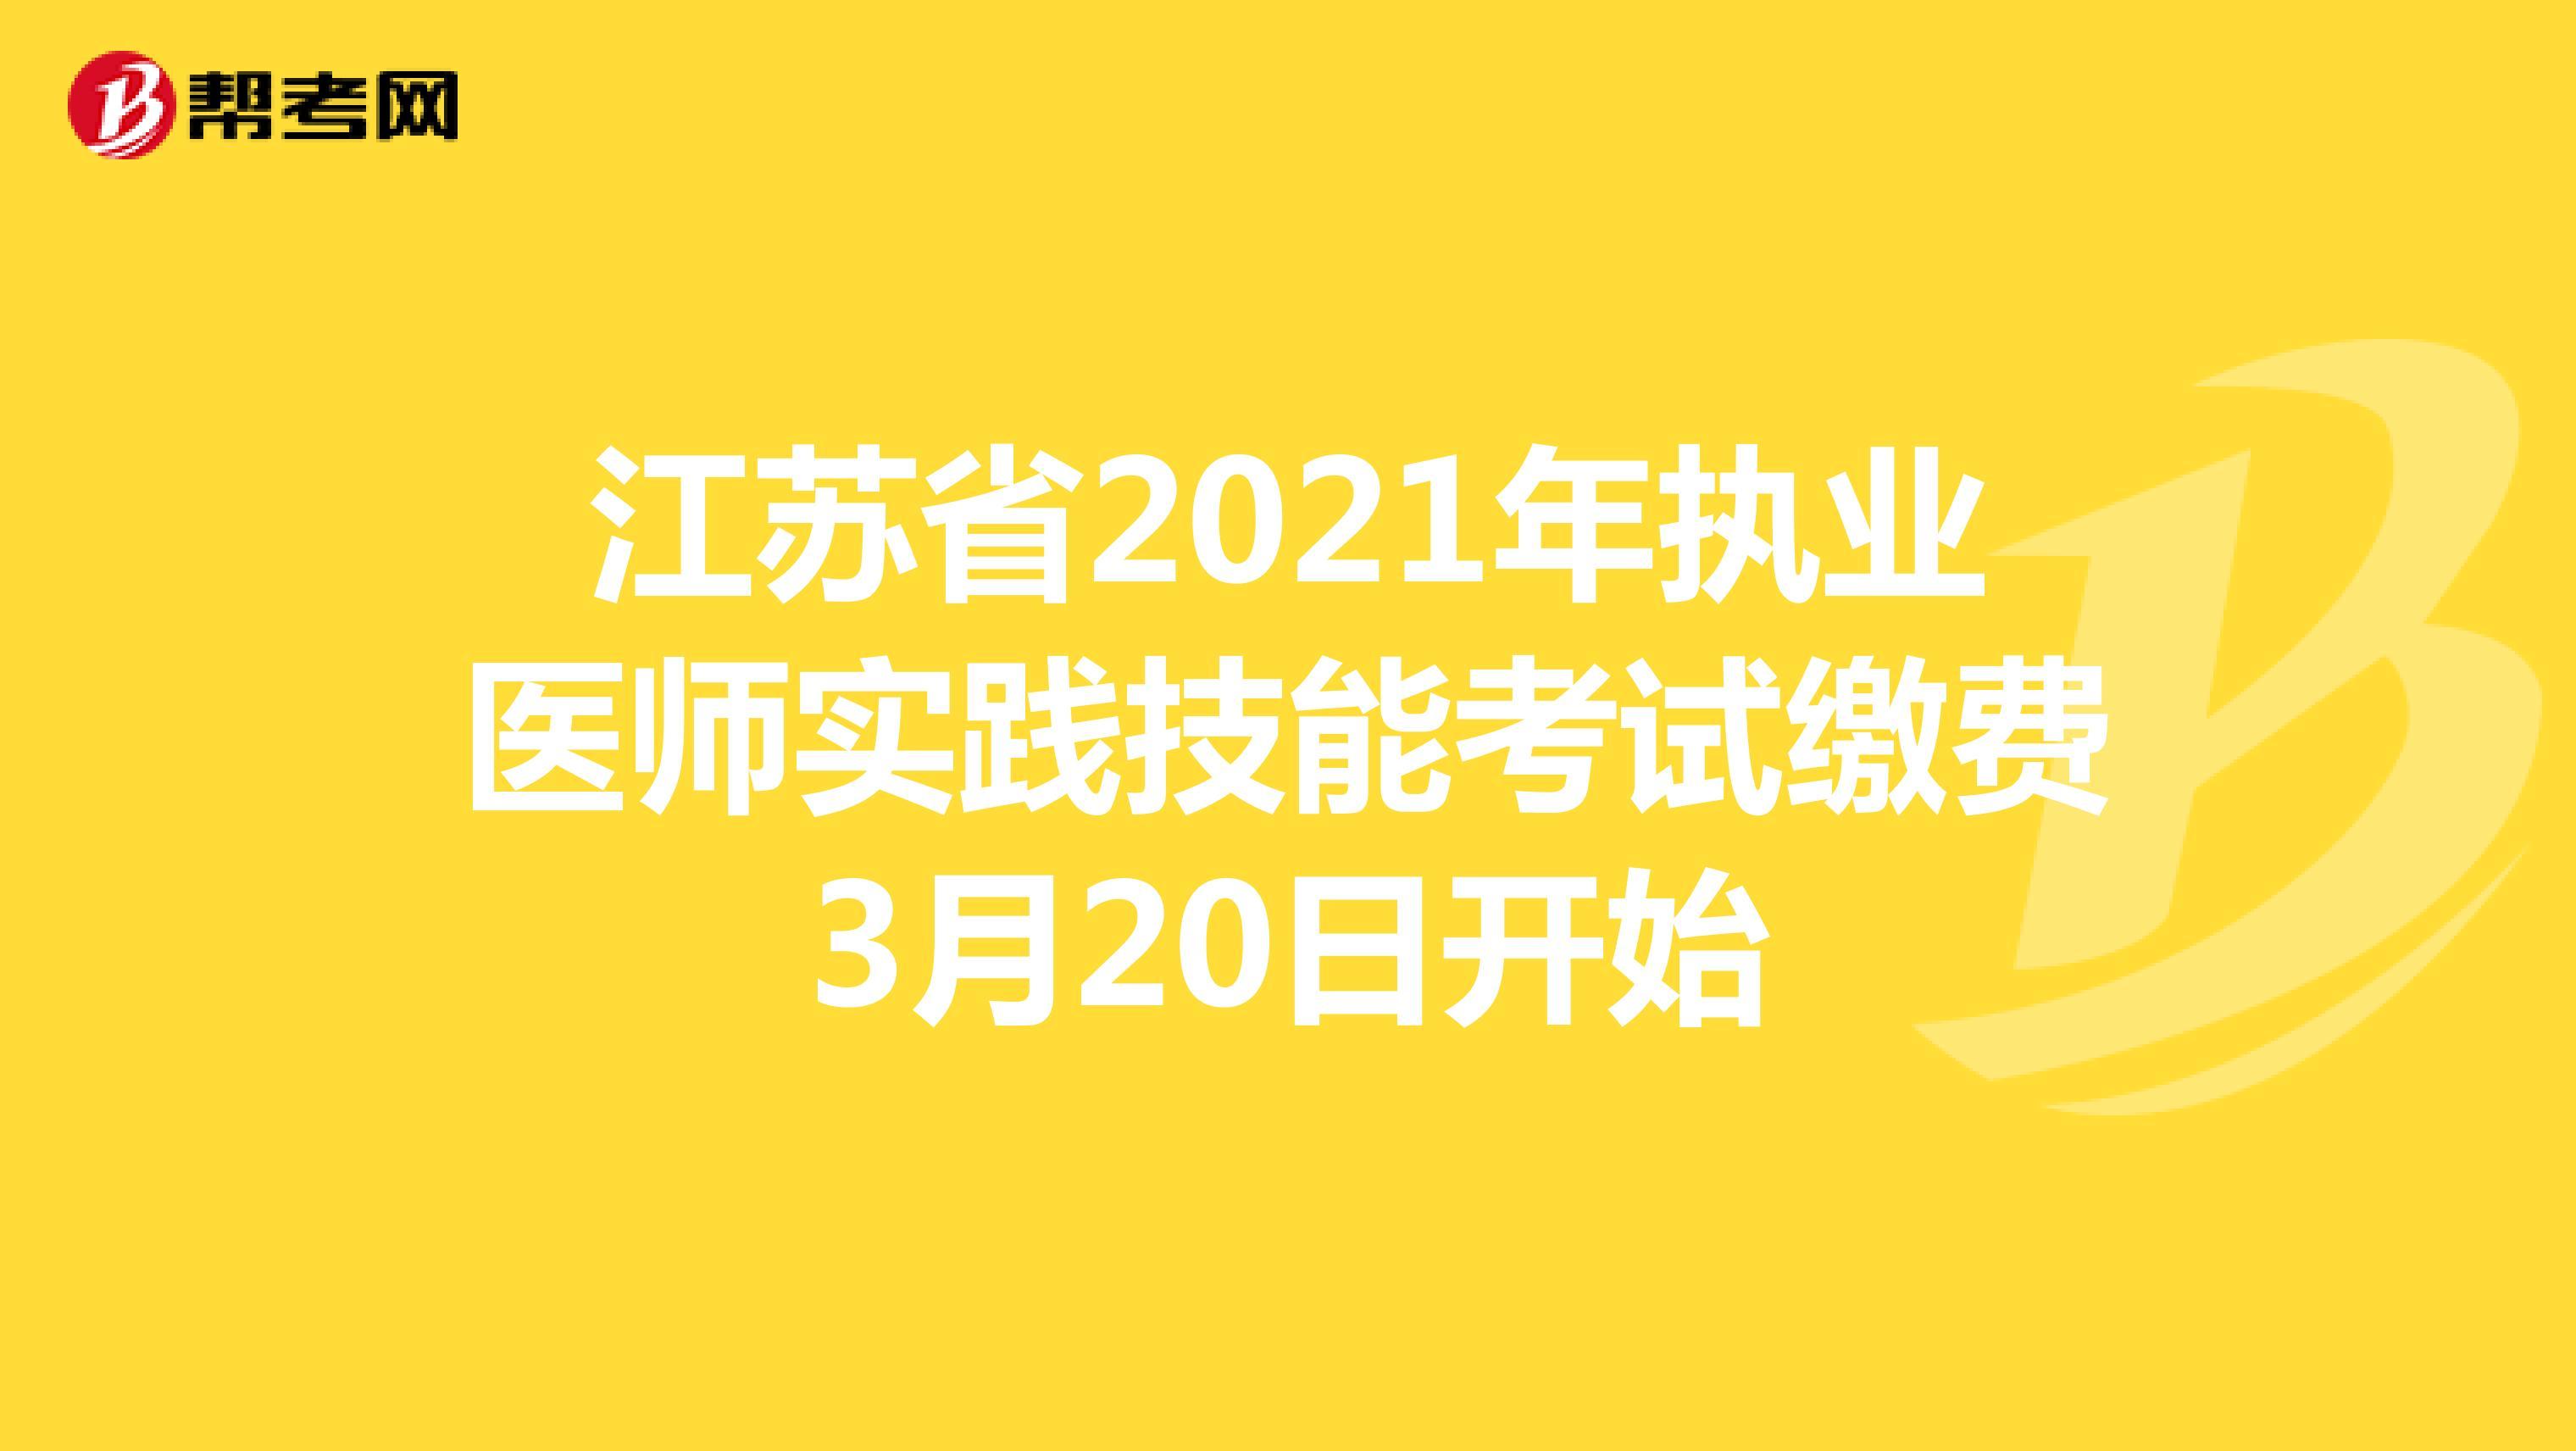 江苏省2021年执业医师实践技能考试缴费3月20日开始